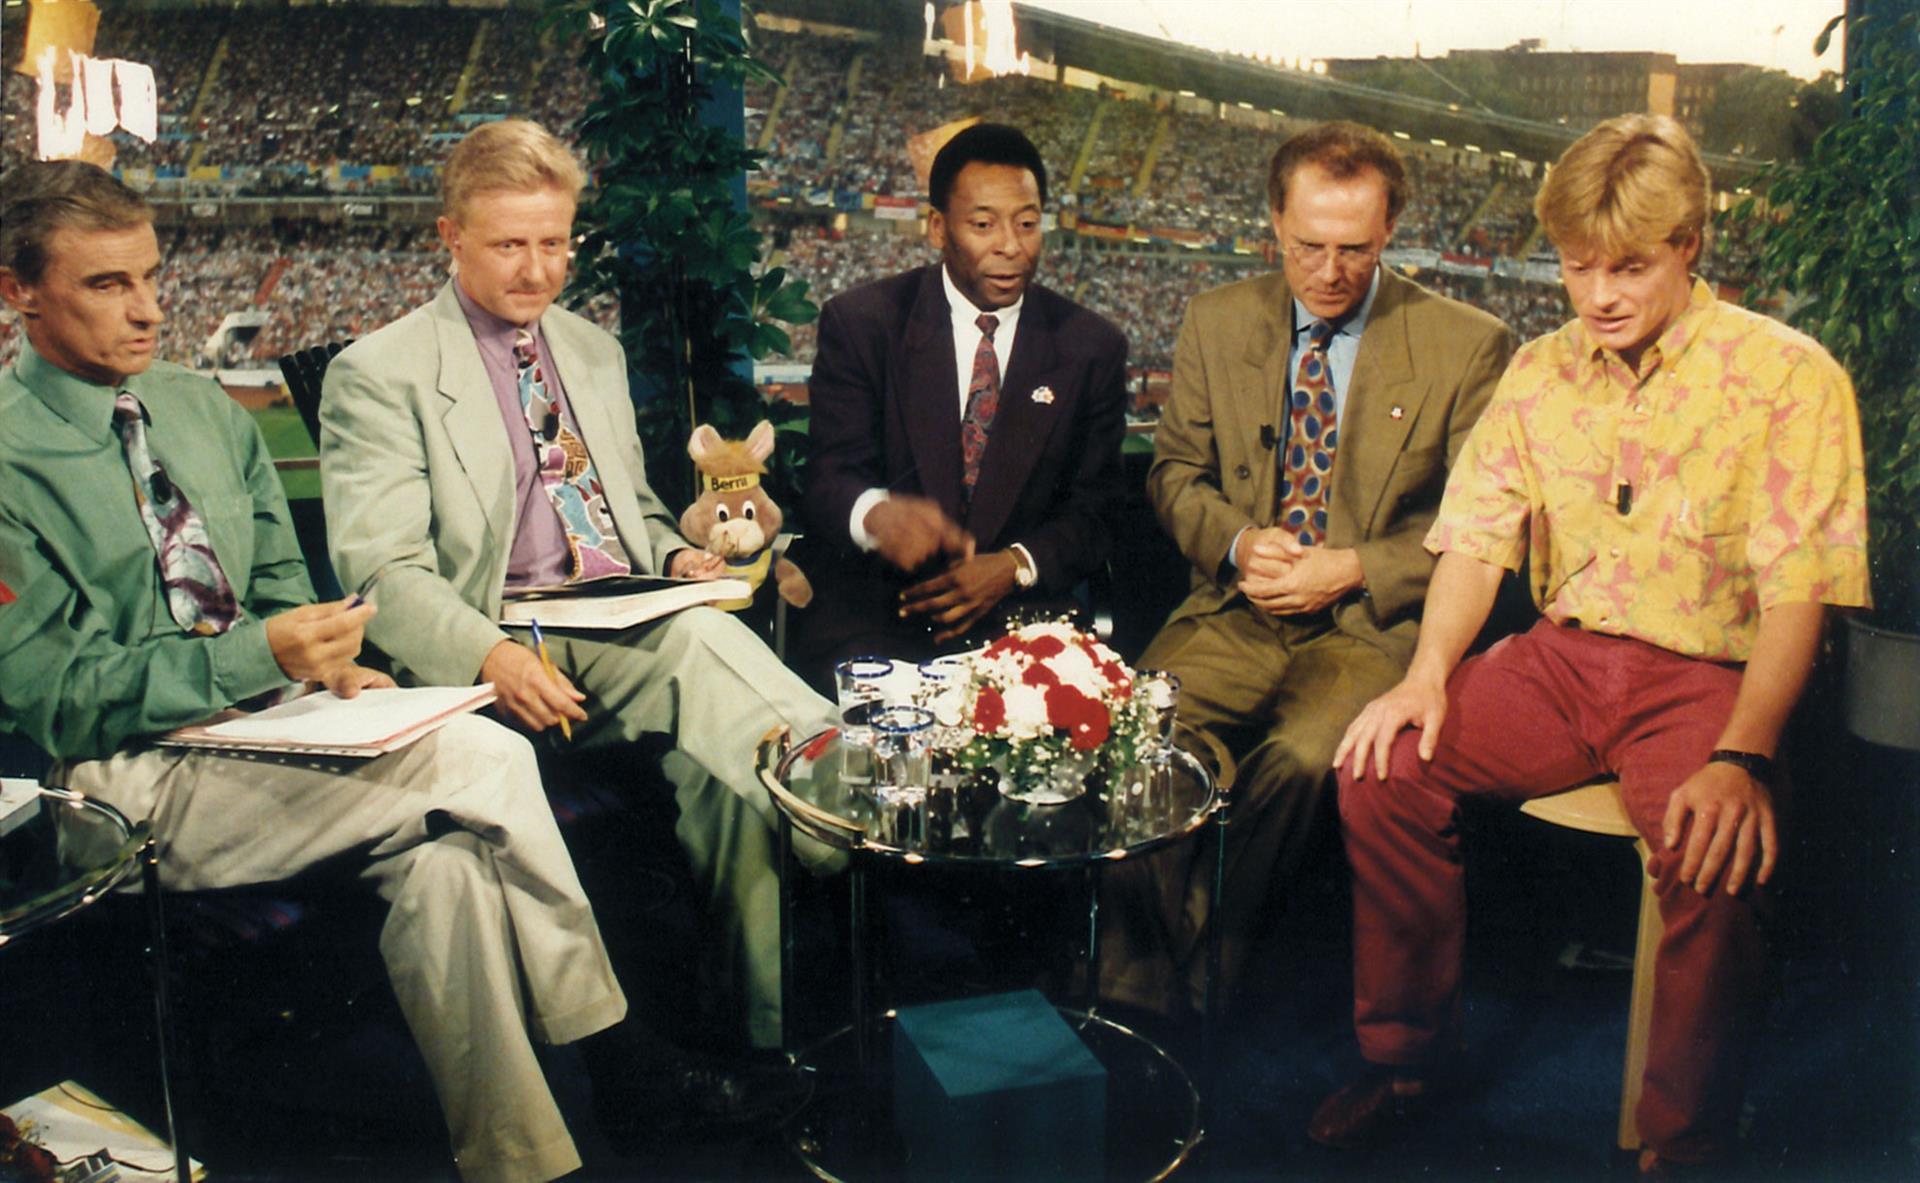 Studion fotbolls-EM 1992